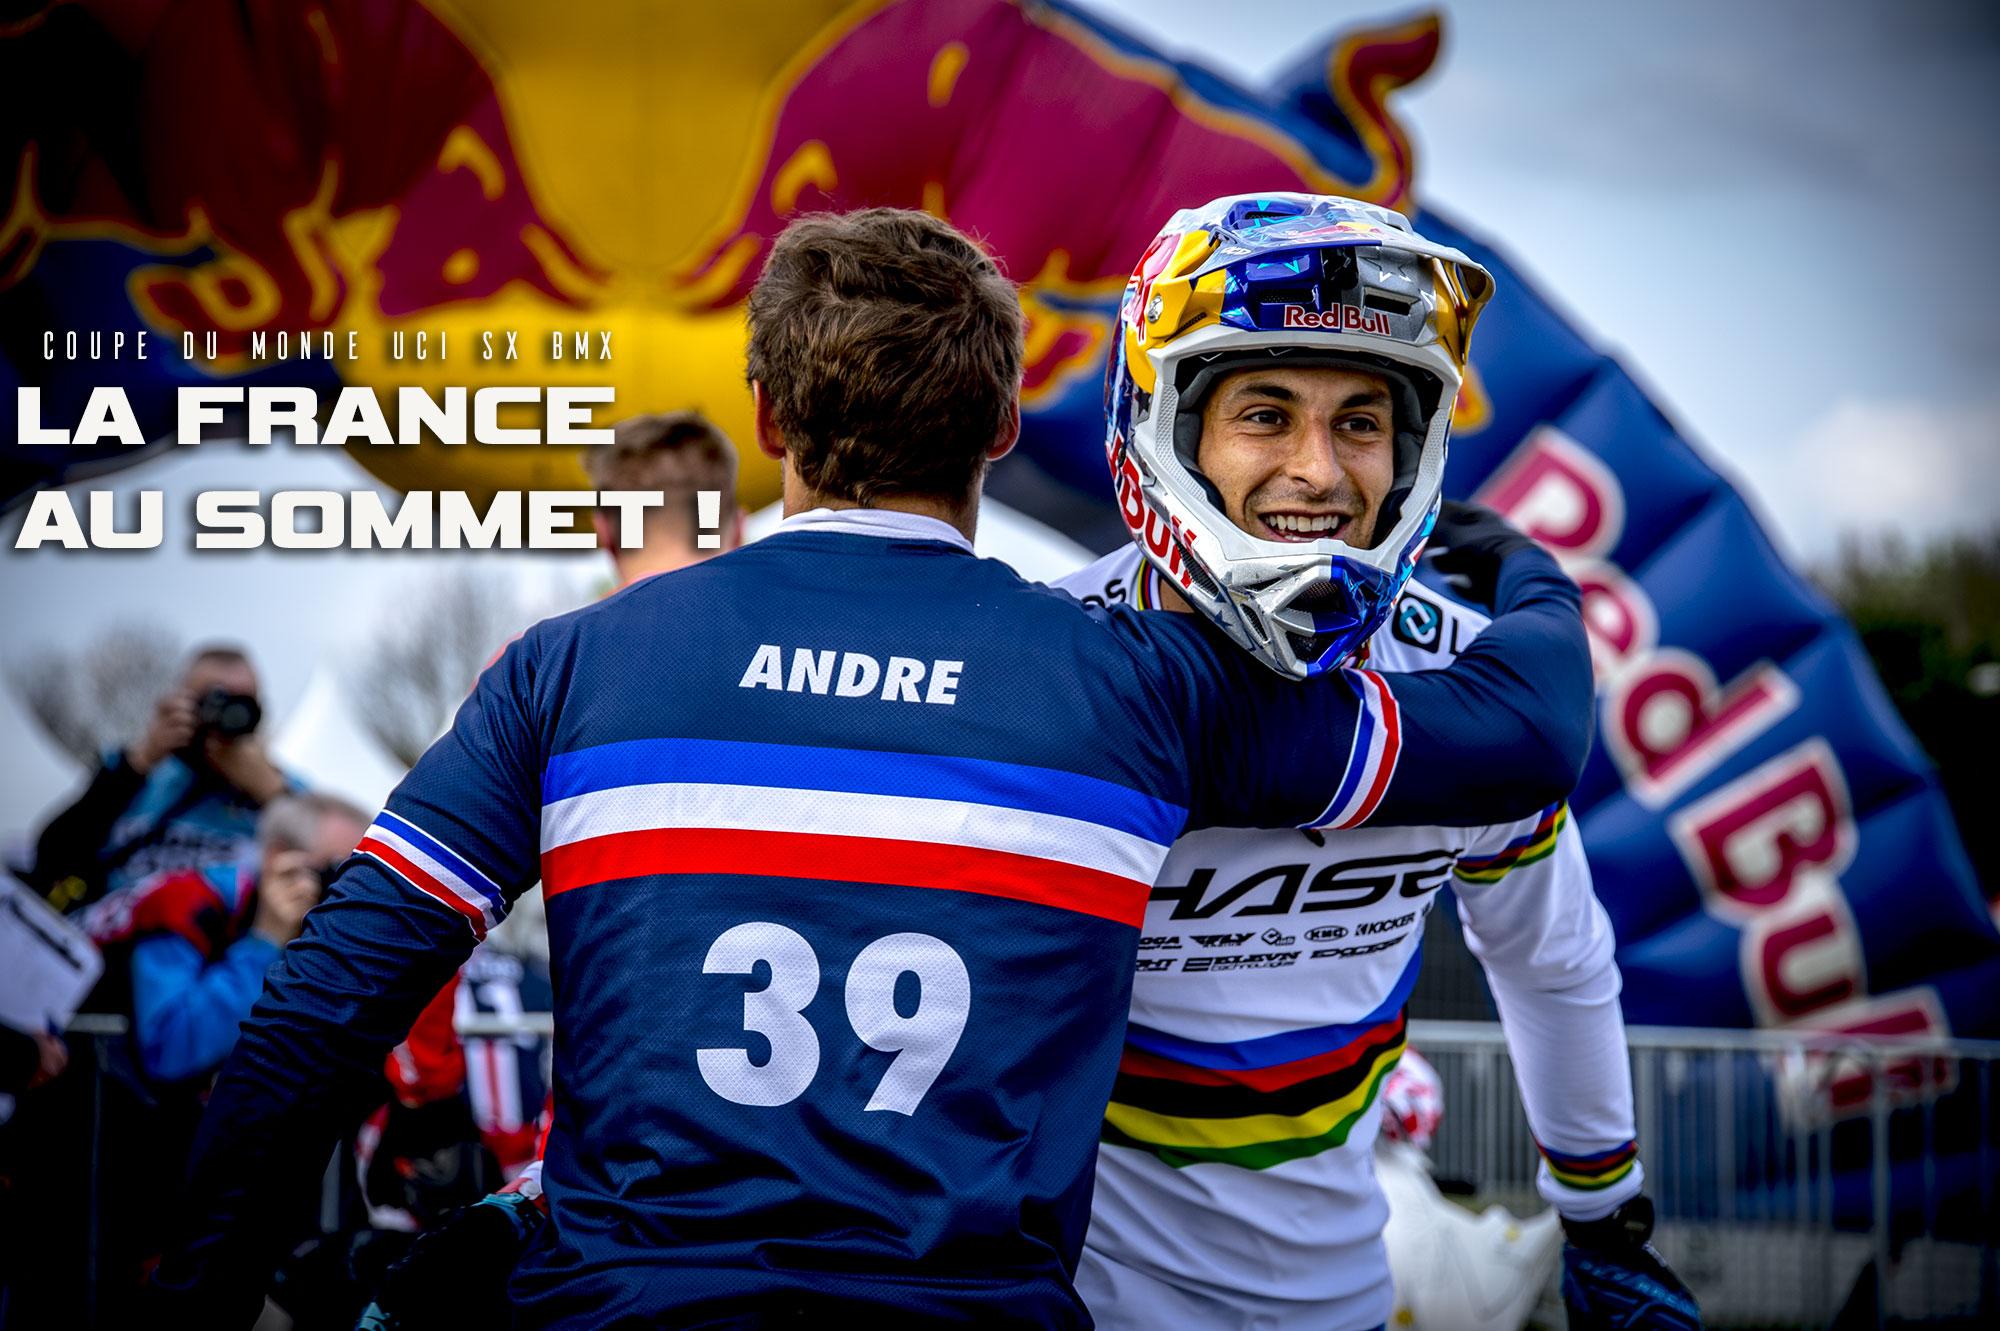 BMX dans le monde: La FRANCE est au sommet !